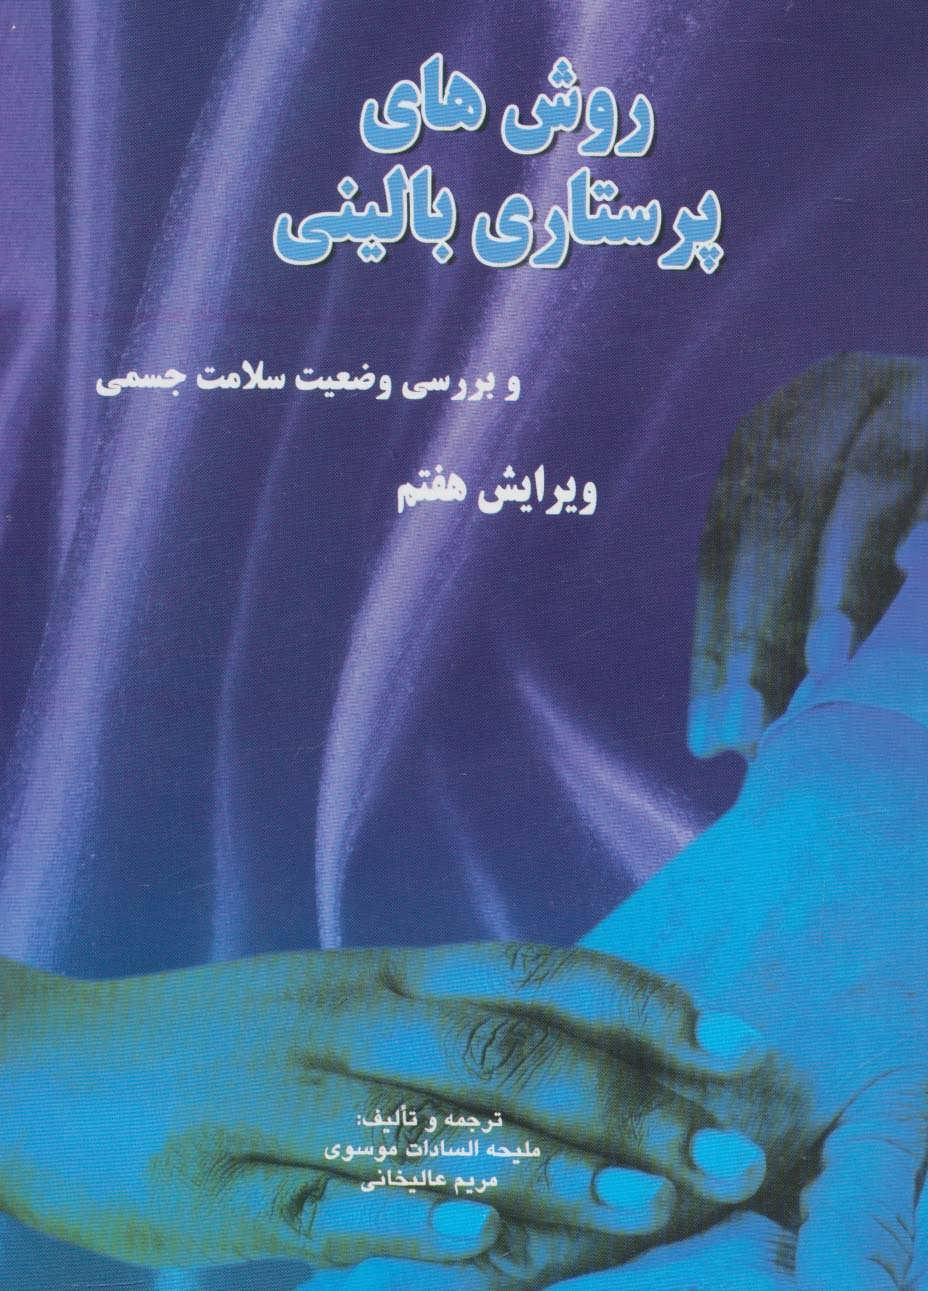 کتاب روشهای پرستاری بالینی و بررسی وضعیت سلامت جسمی